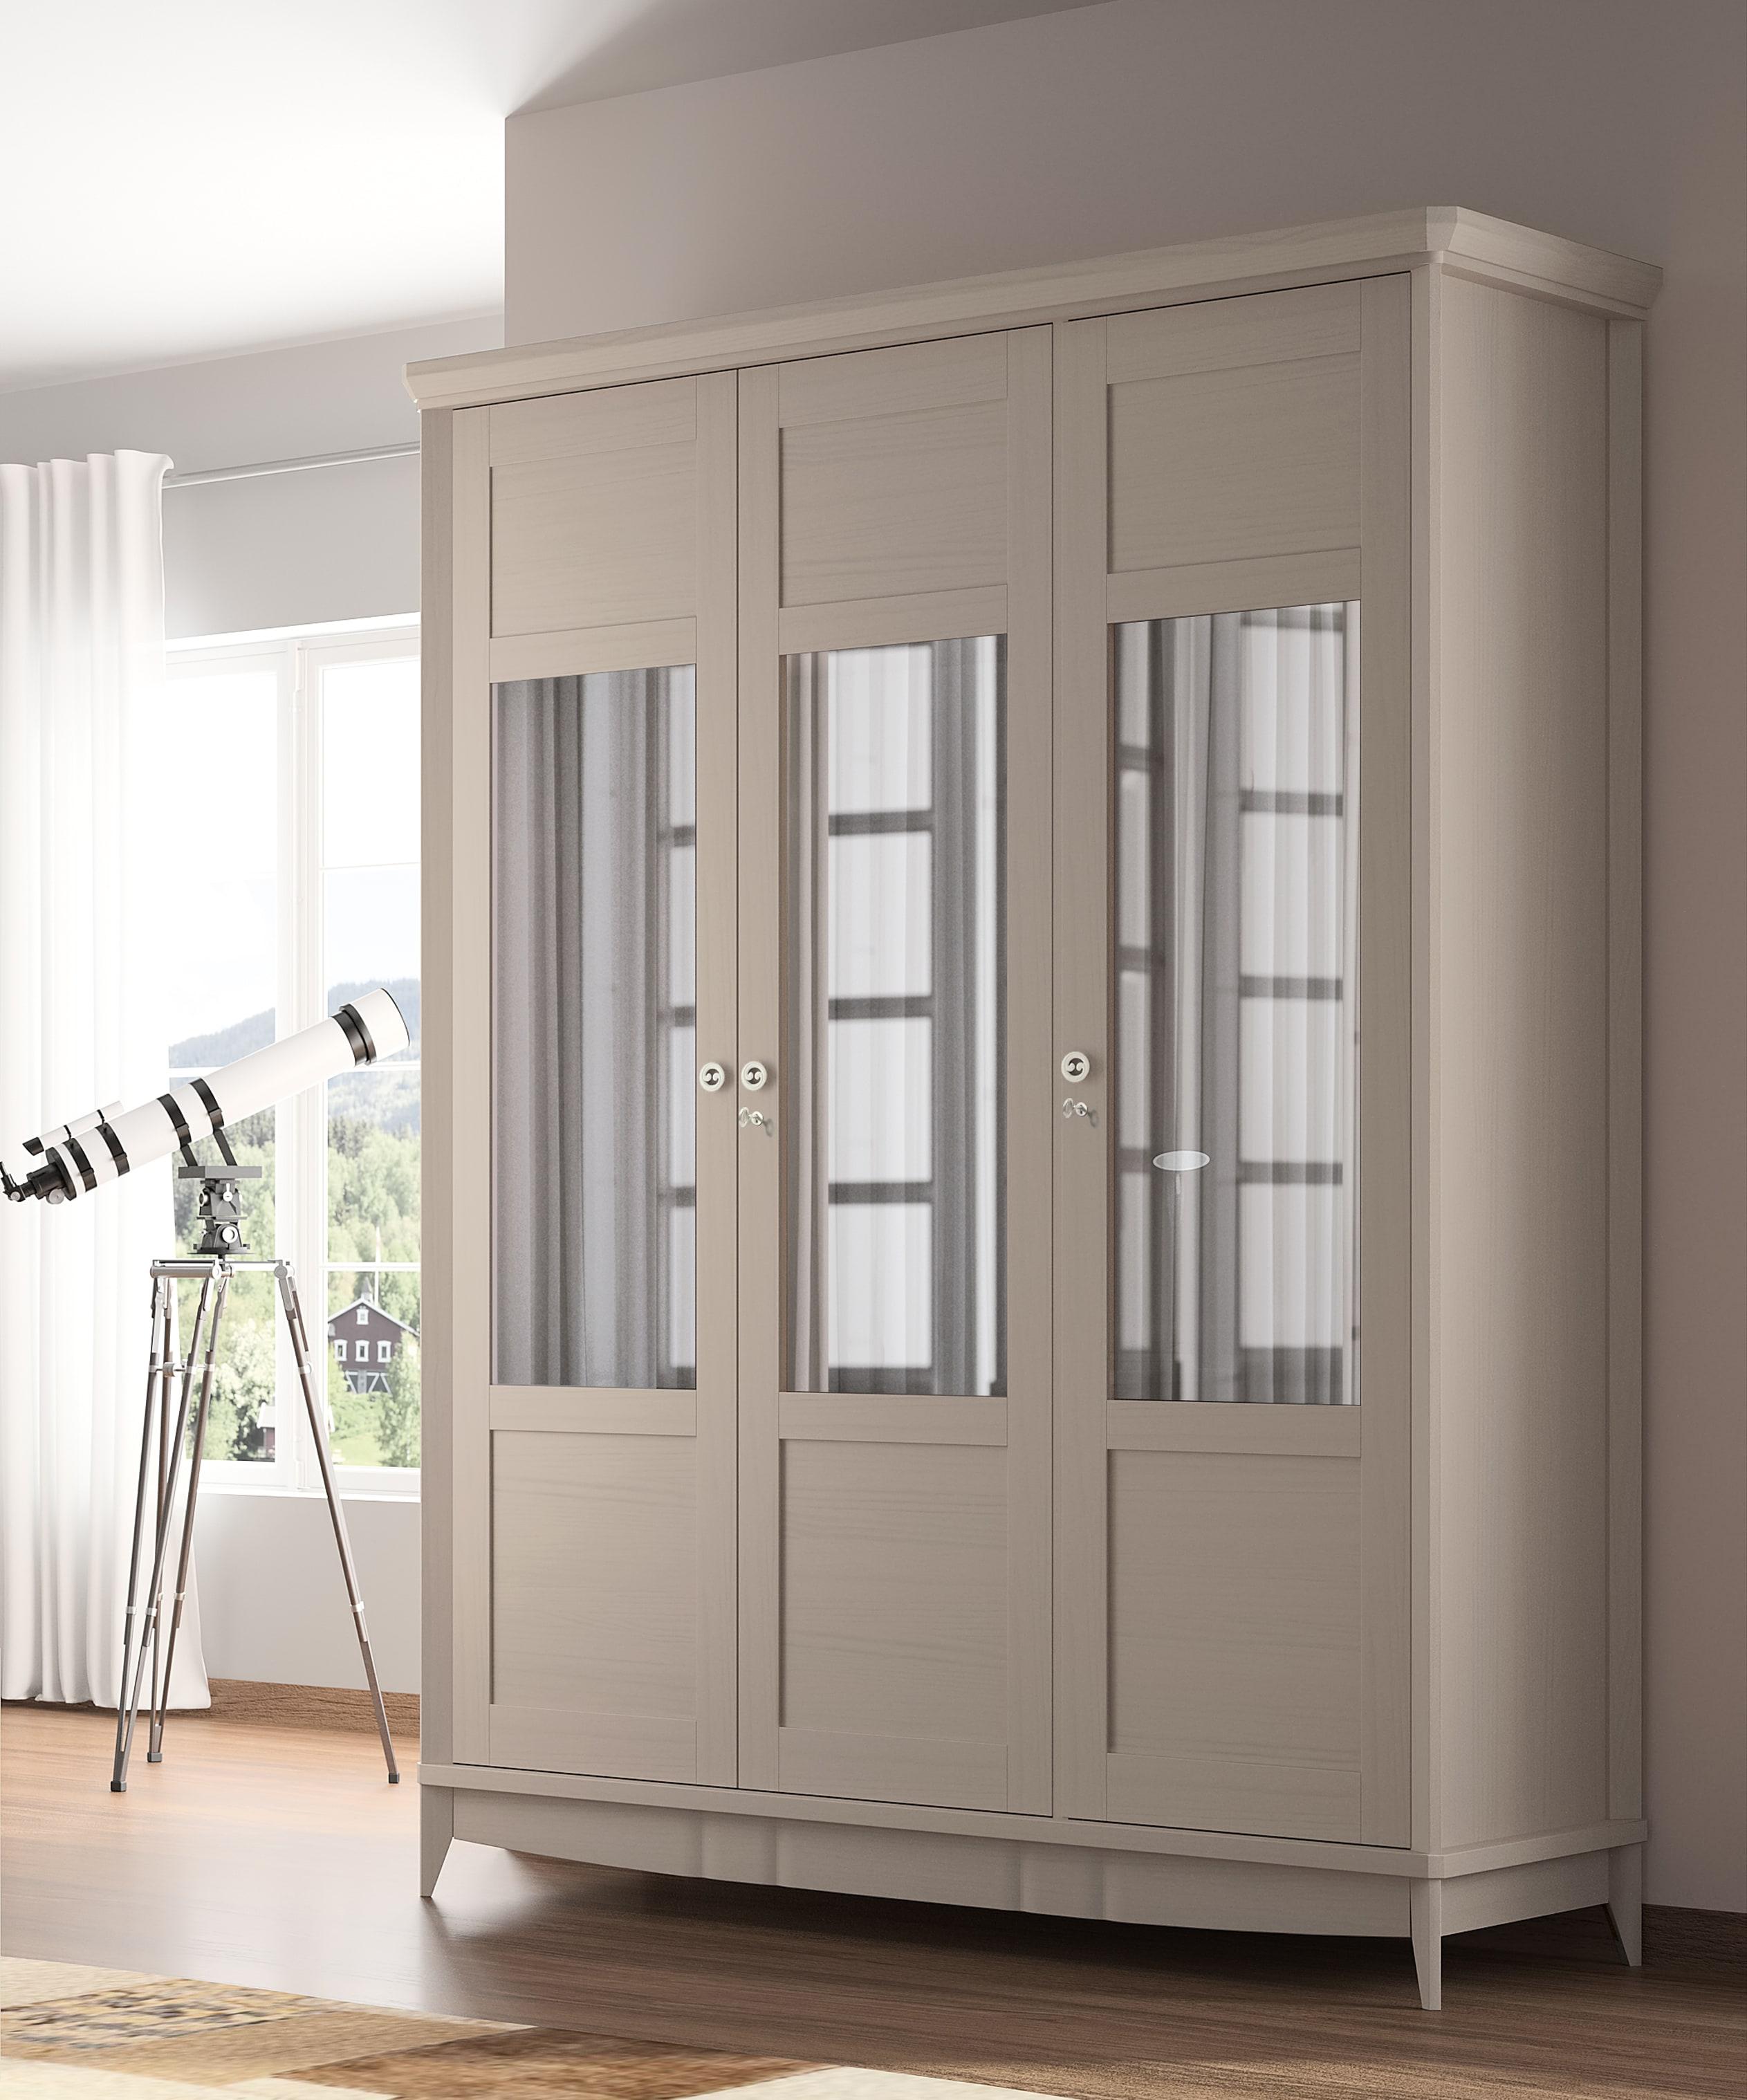 Armario de madera con puertas batientes, con medida y color a elegir. Su diseño limpio y elegante se adaptara a cualquier ambiente.